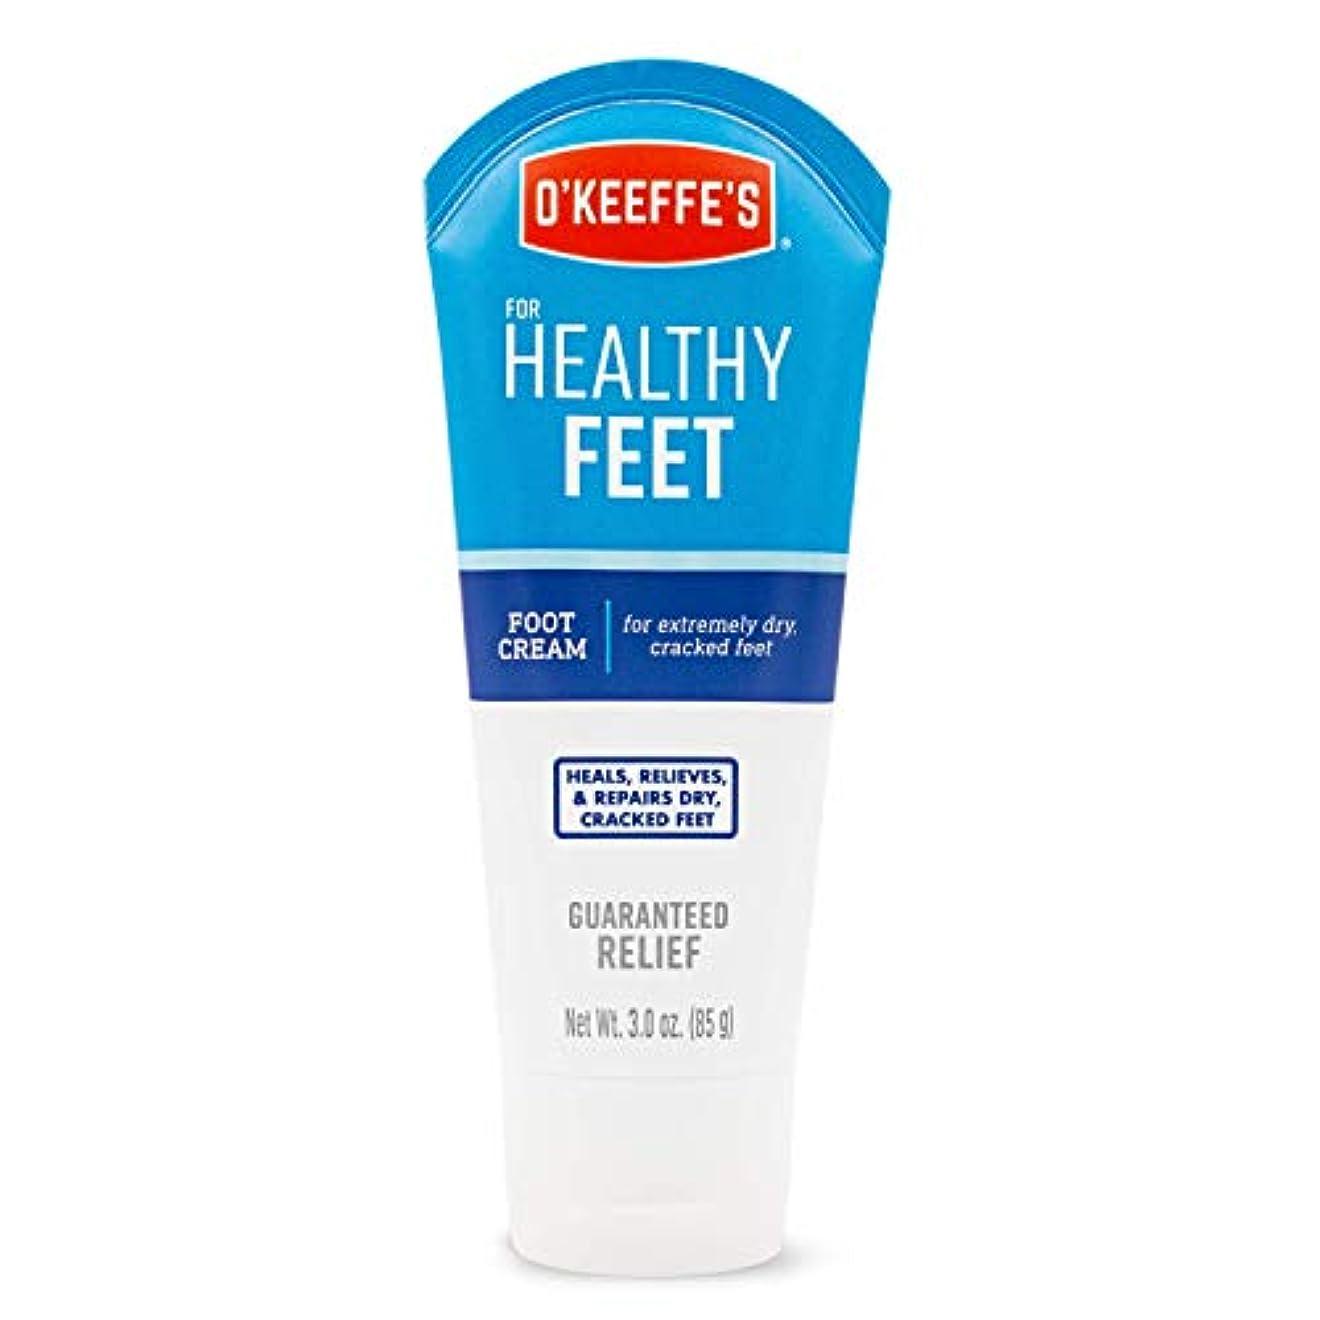 レッドデートアプローチ煩わしいオキーフス ワーキングフィートクリーム チューブ  85g 1点 (並行輸入品) O'Keeffe's Working Feet Tube Cream 3oz